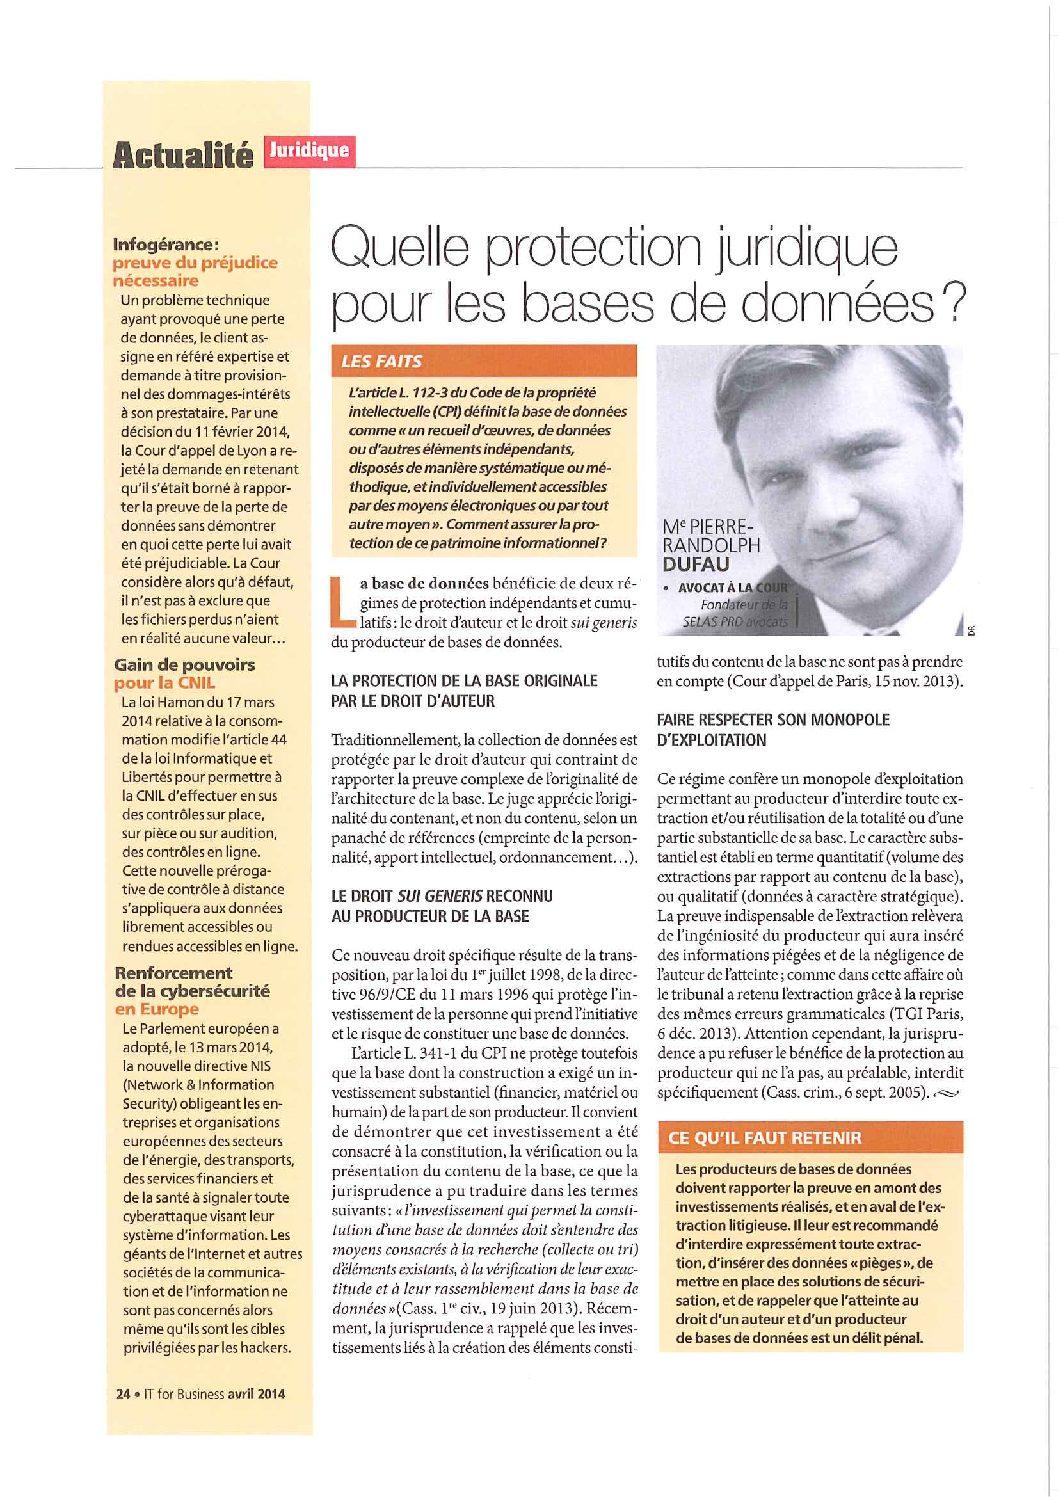 Quelle protection juridique pour les bases de données?